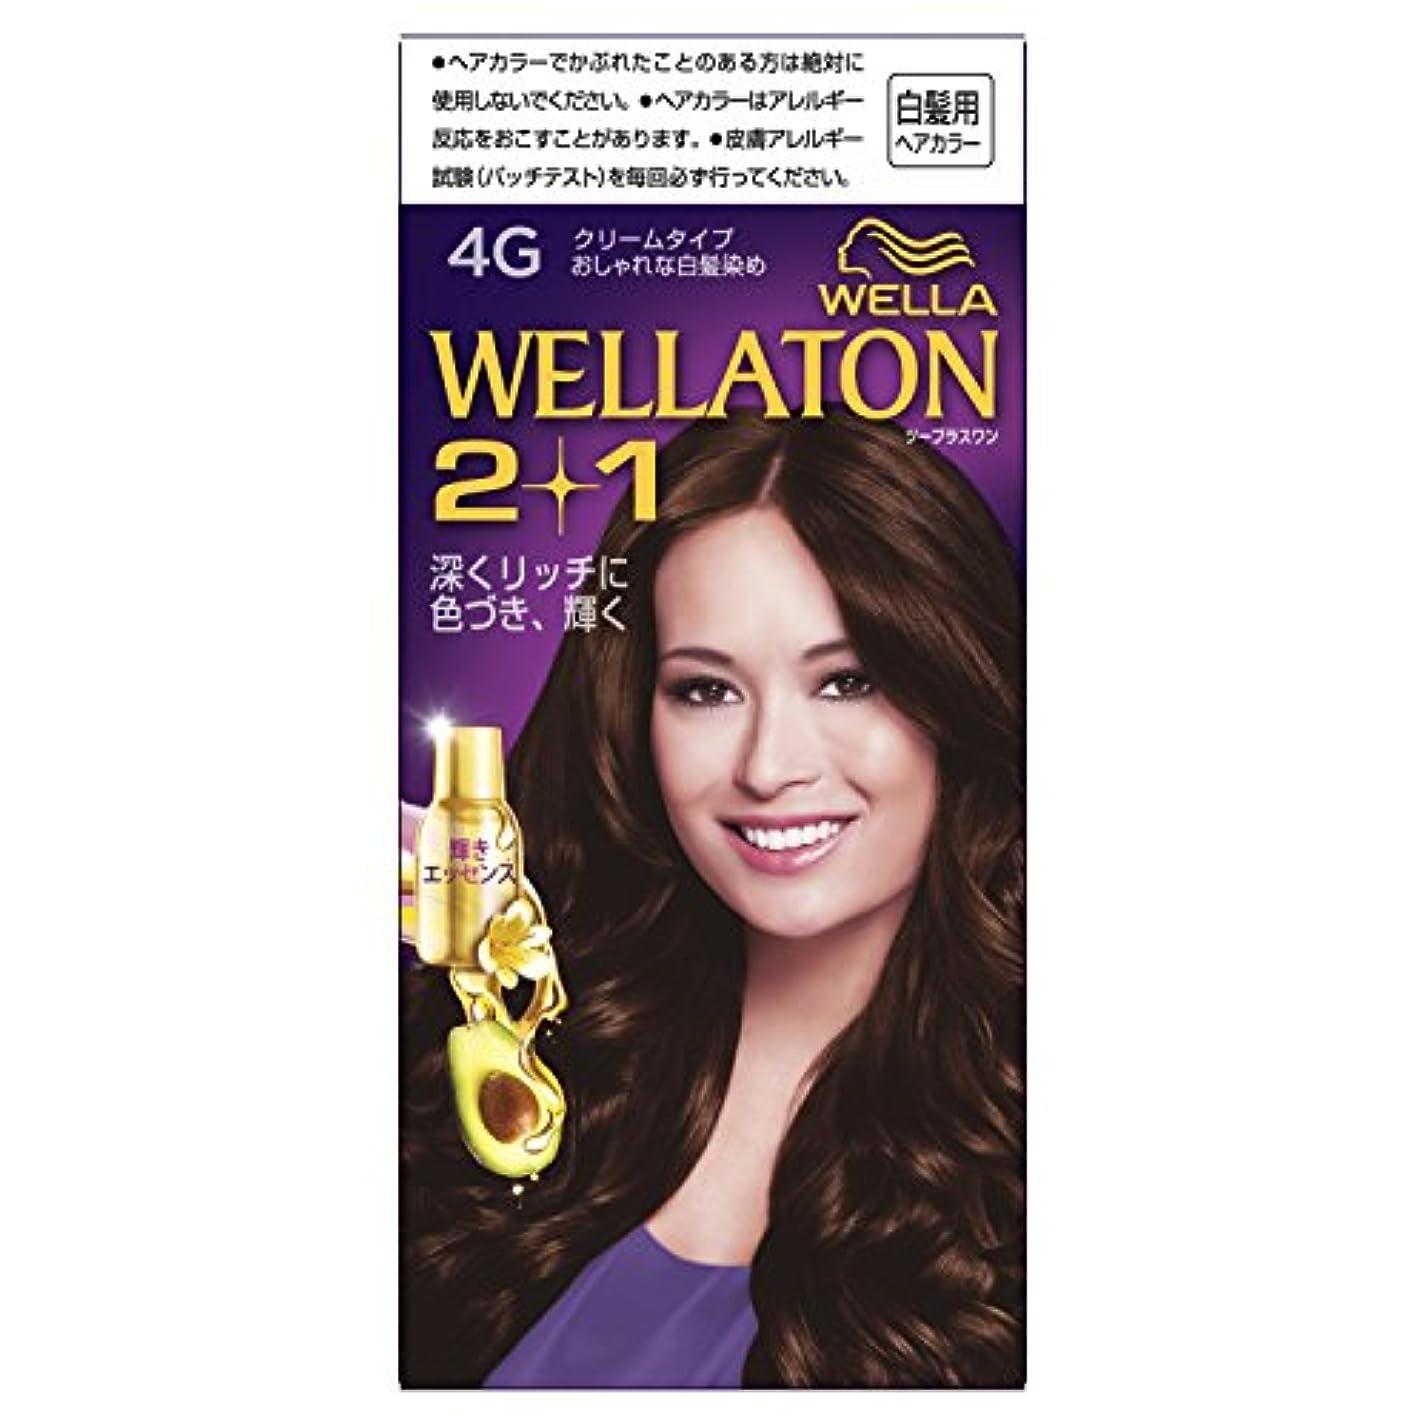 人形メディック炭素ウエラトーン2+1 クリームタイプ 4G[医薬部外品](おしゃれな白髪染め)